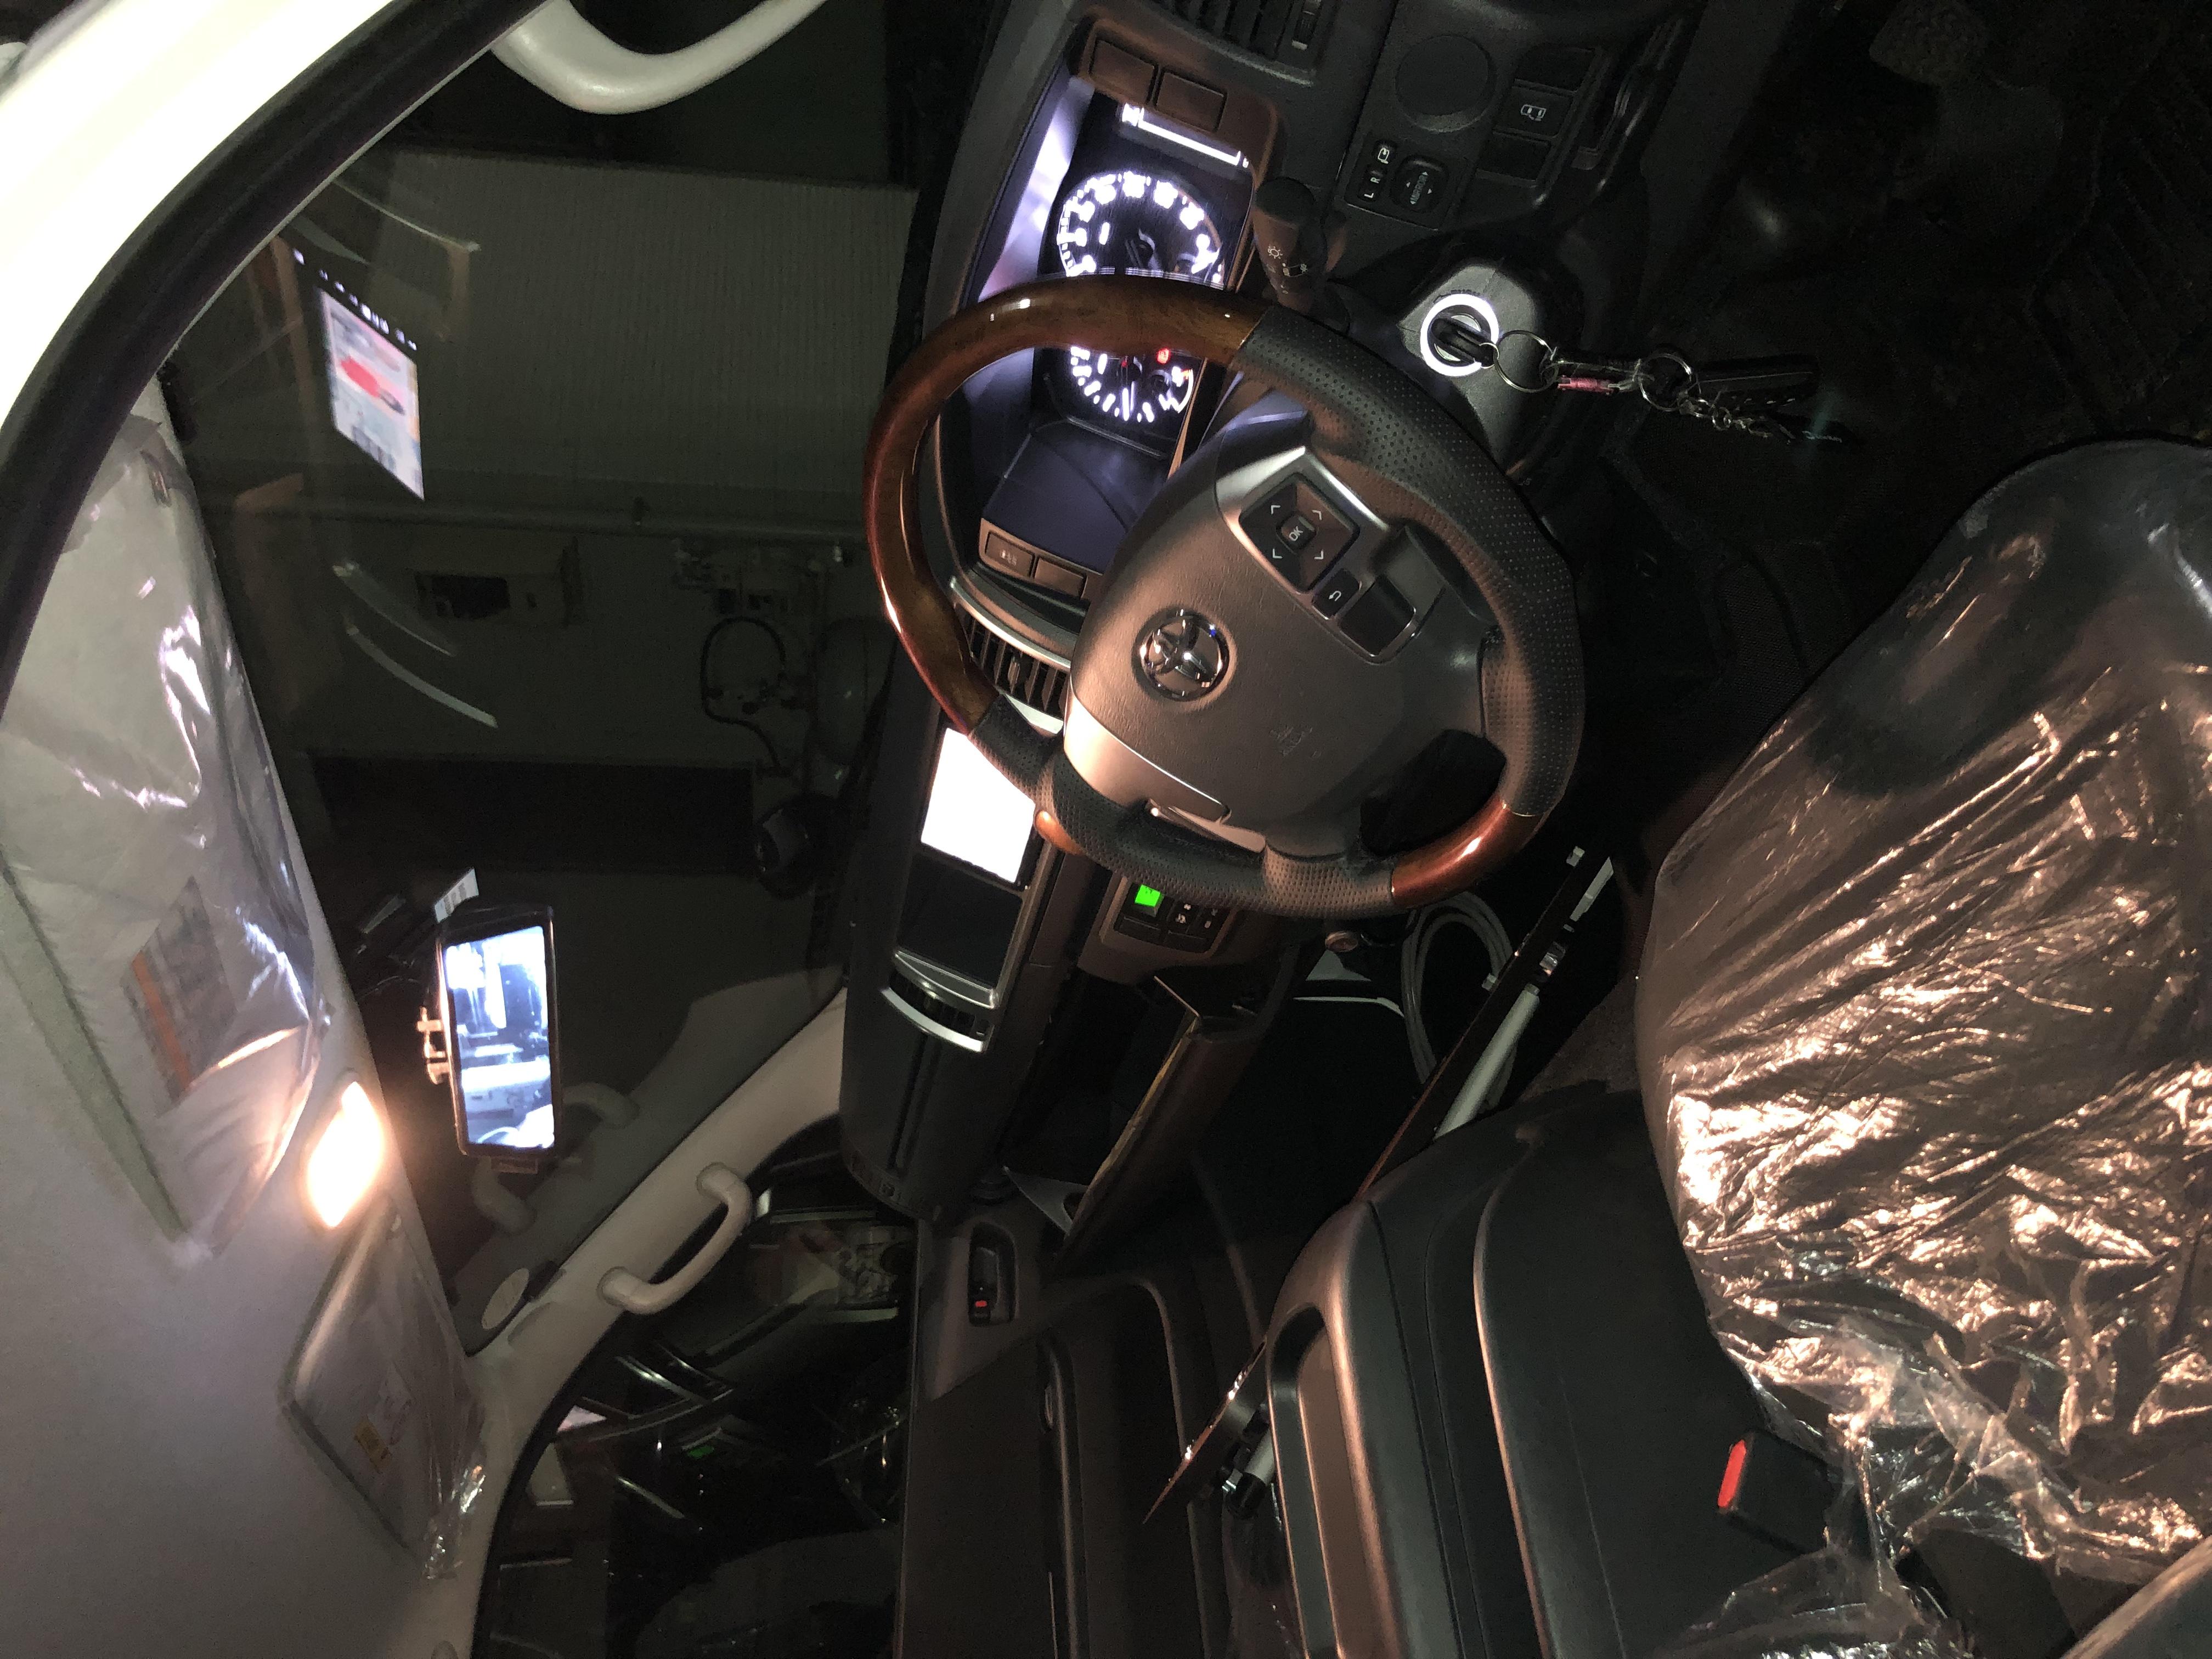 ドライブレコーダーとデジタルインナーミラー完備